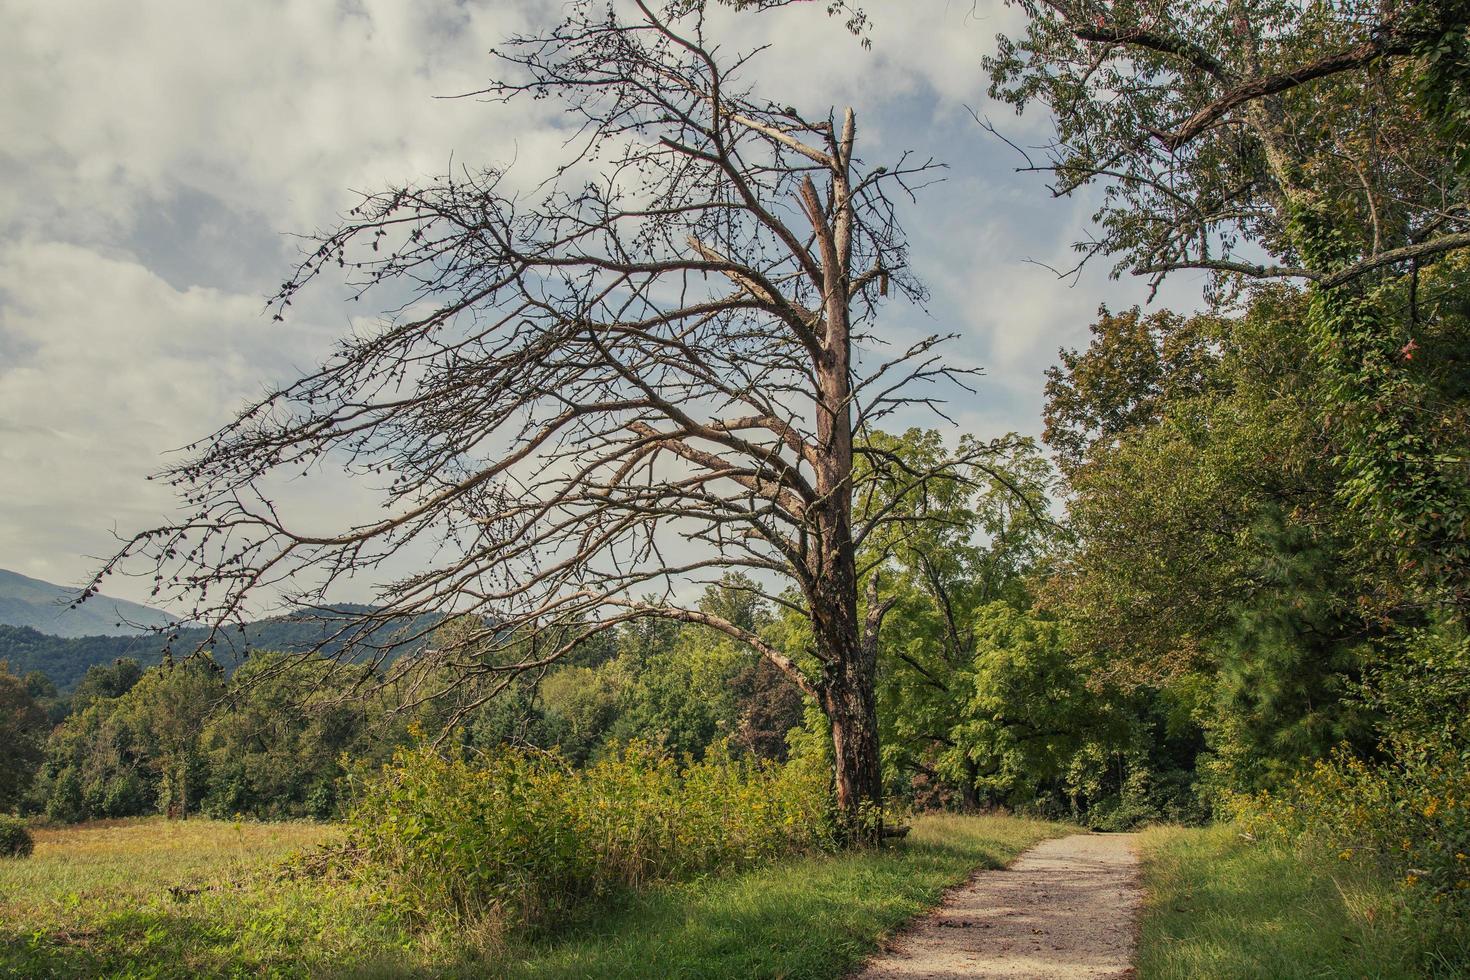 camino hacia un bosque foto